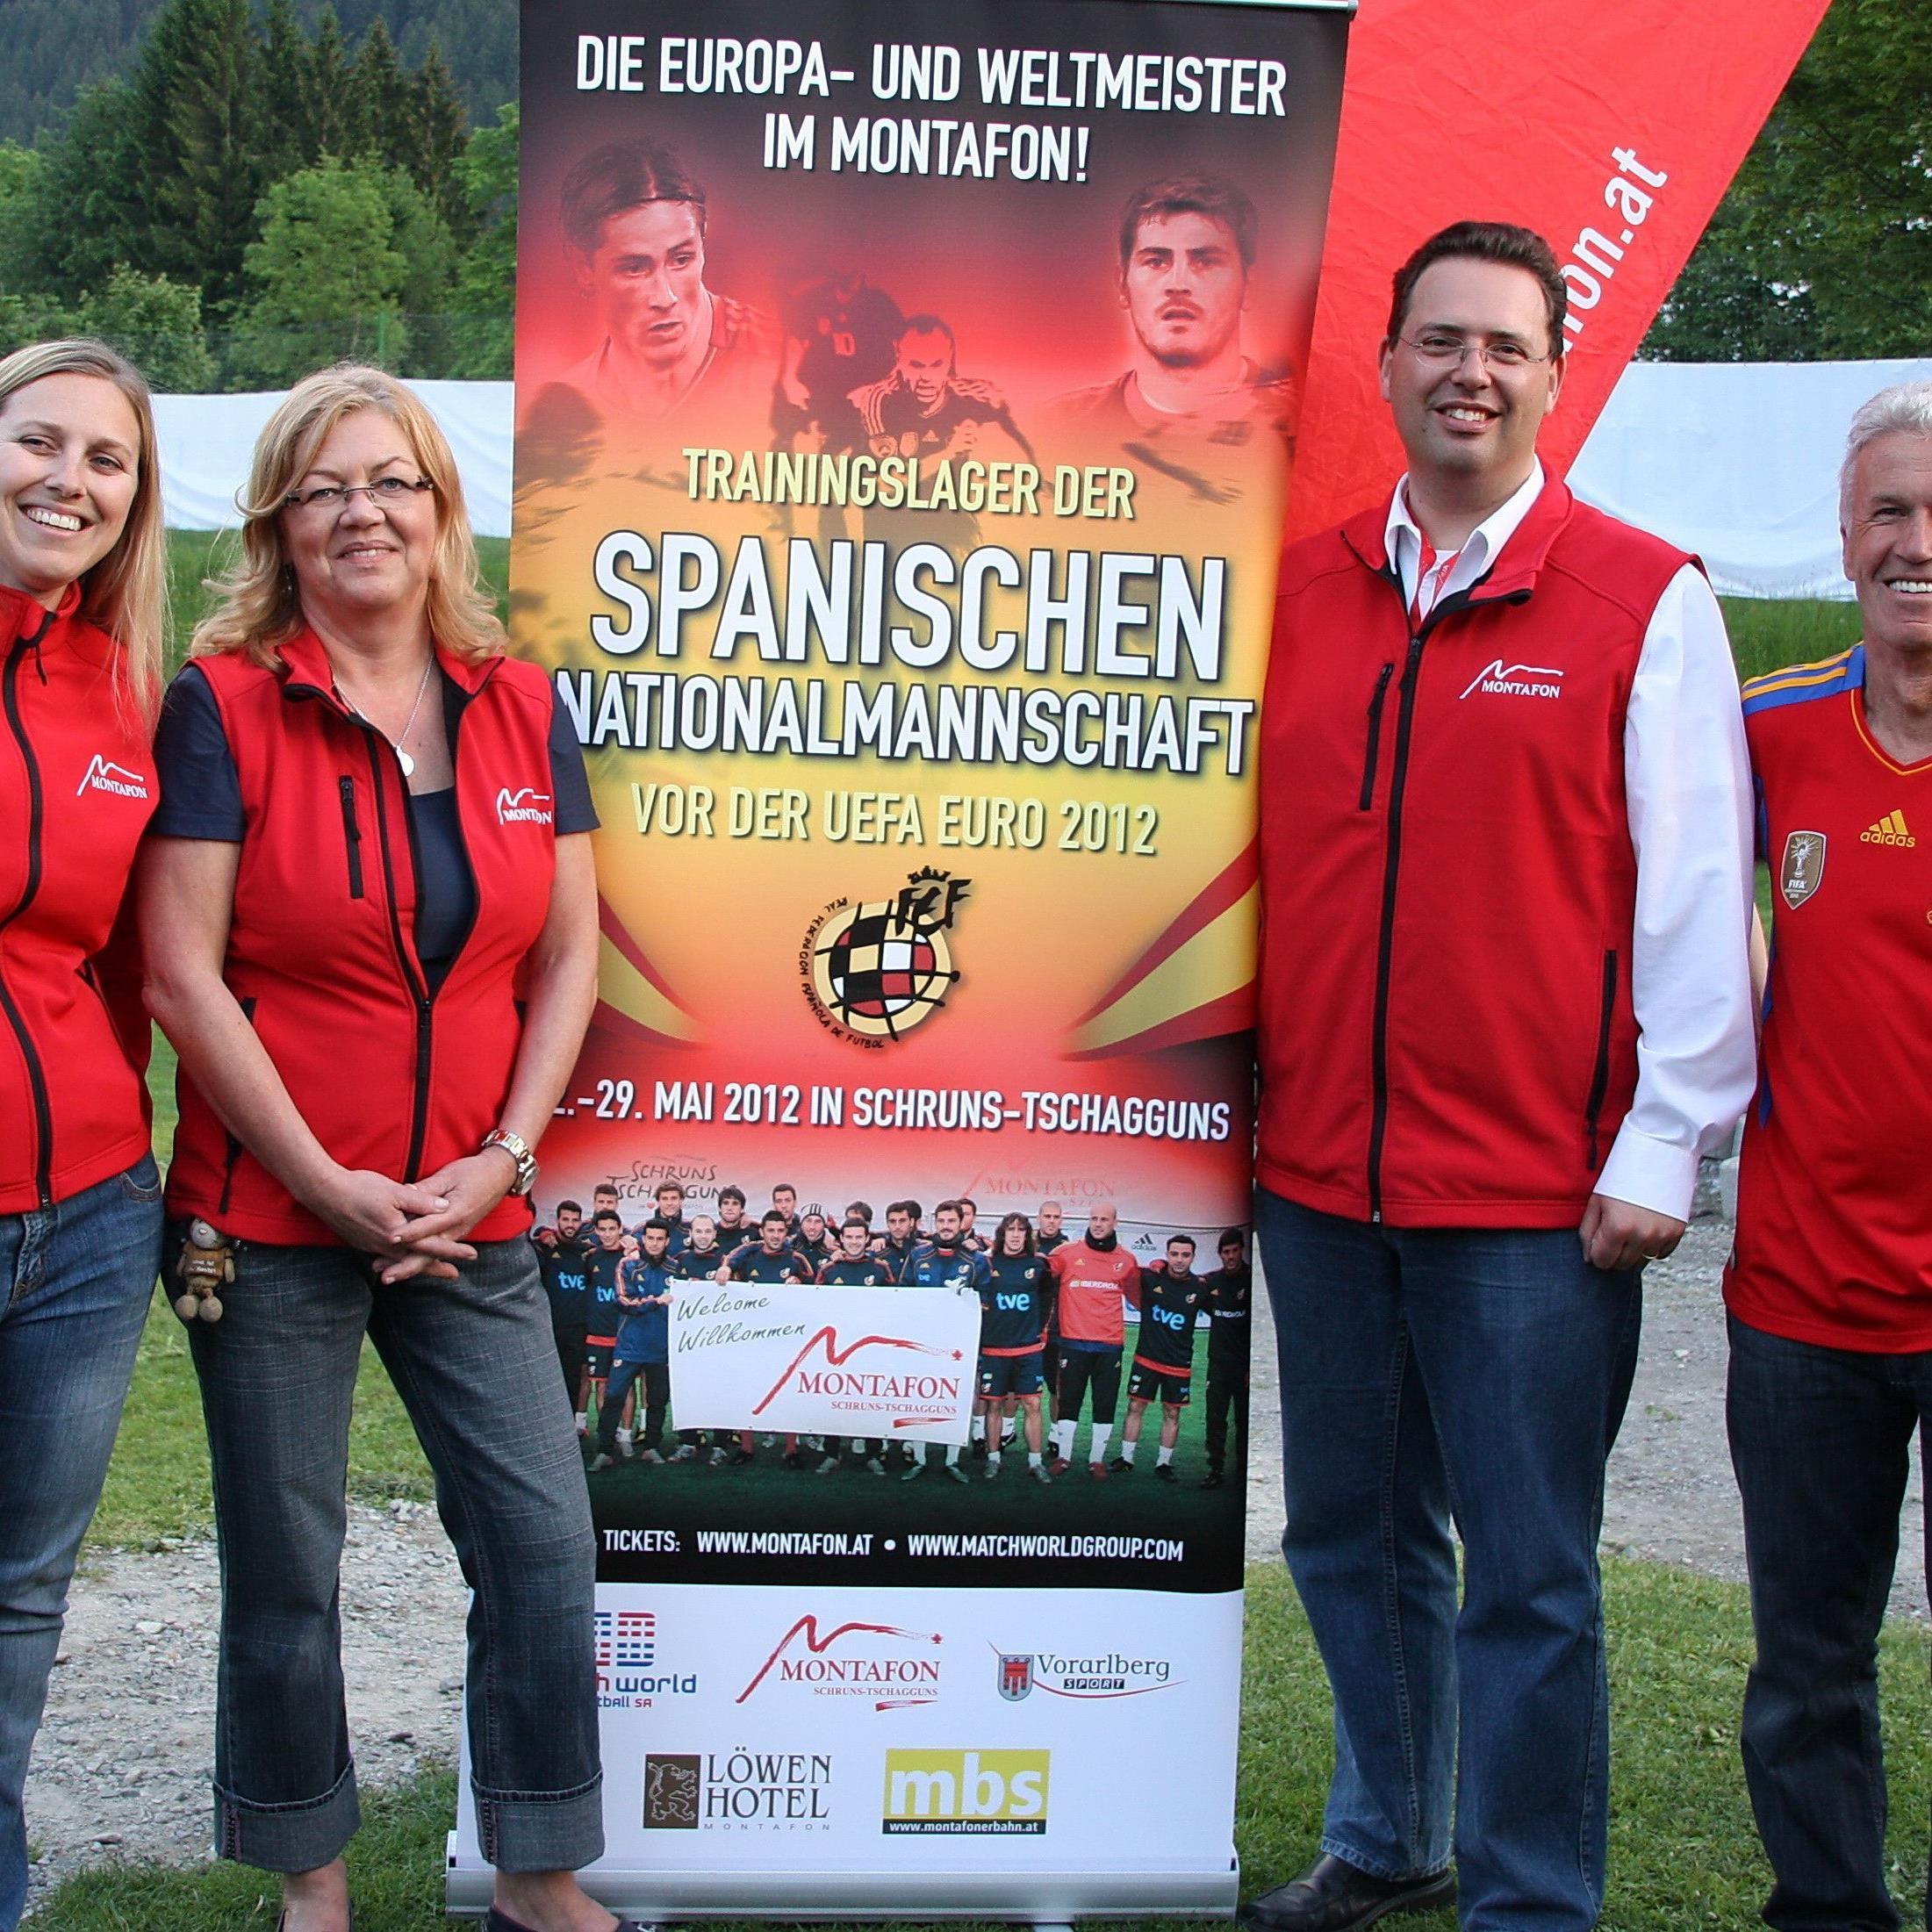 Das OK-Team von Montafon Tourismus hat die allerbeste Arbeit beim Spanien-Aufenthalt verrichtet.